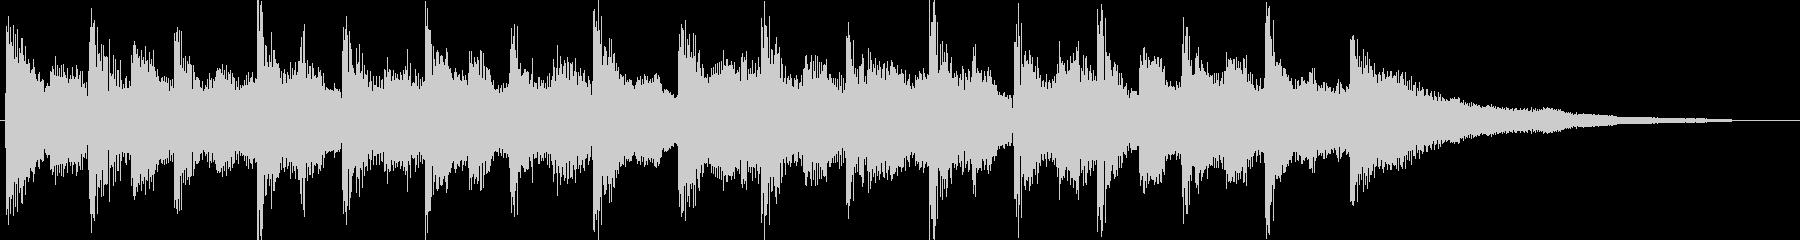 オルガンリードでキャッチ―なジングルの未再生の波形